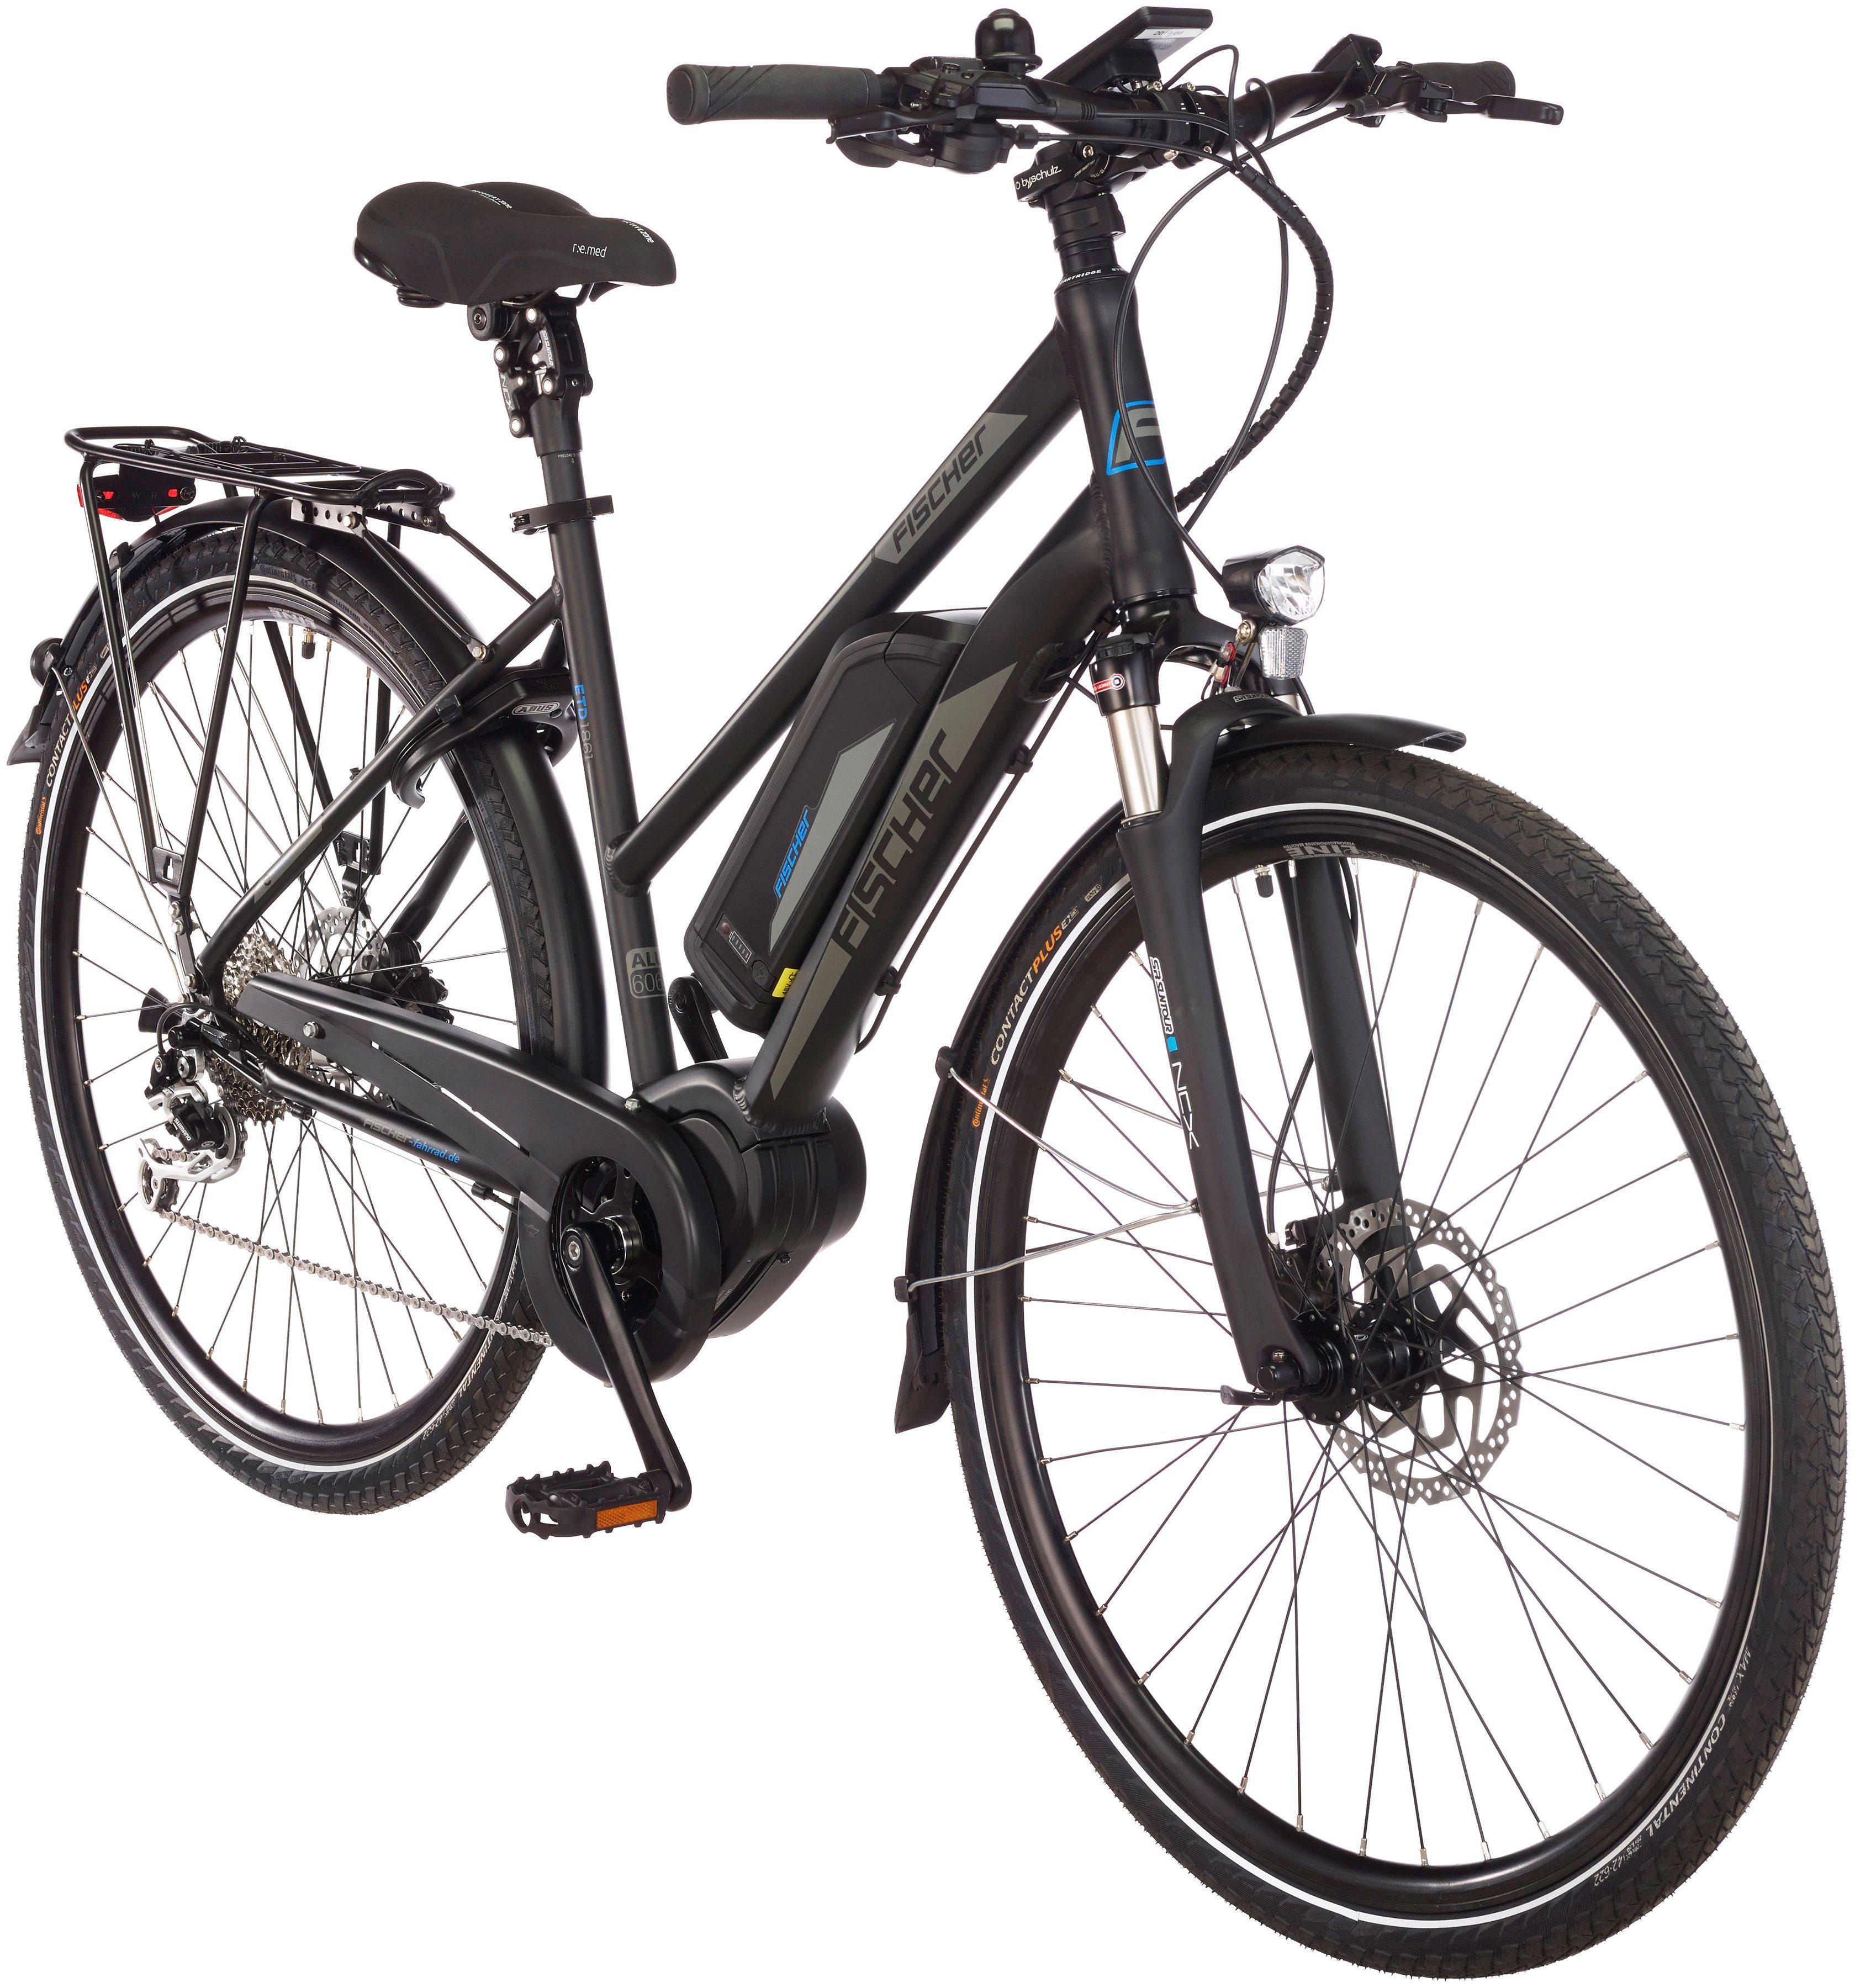 FISCHER FAHRRAEDER E-Bike Trekking Damen »ETD1861-Ready RH44«, 28 Zoll, 9 Gänge, Mittelmotor, 557 Wh